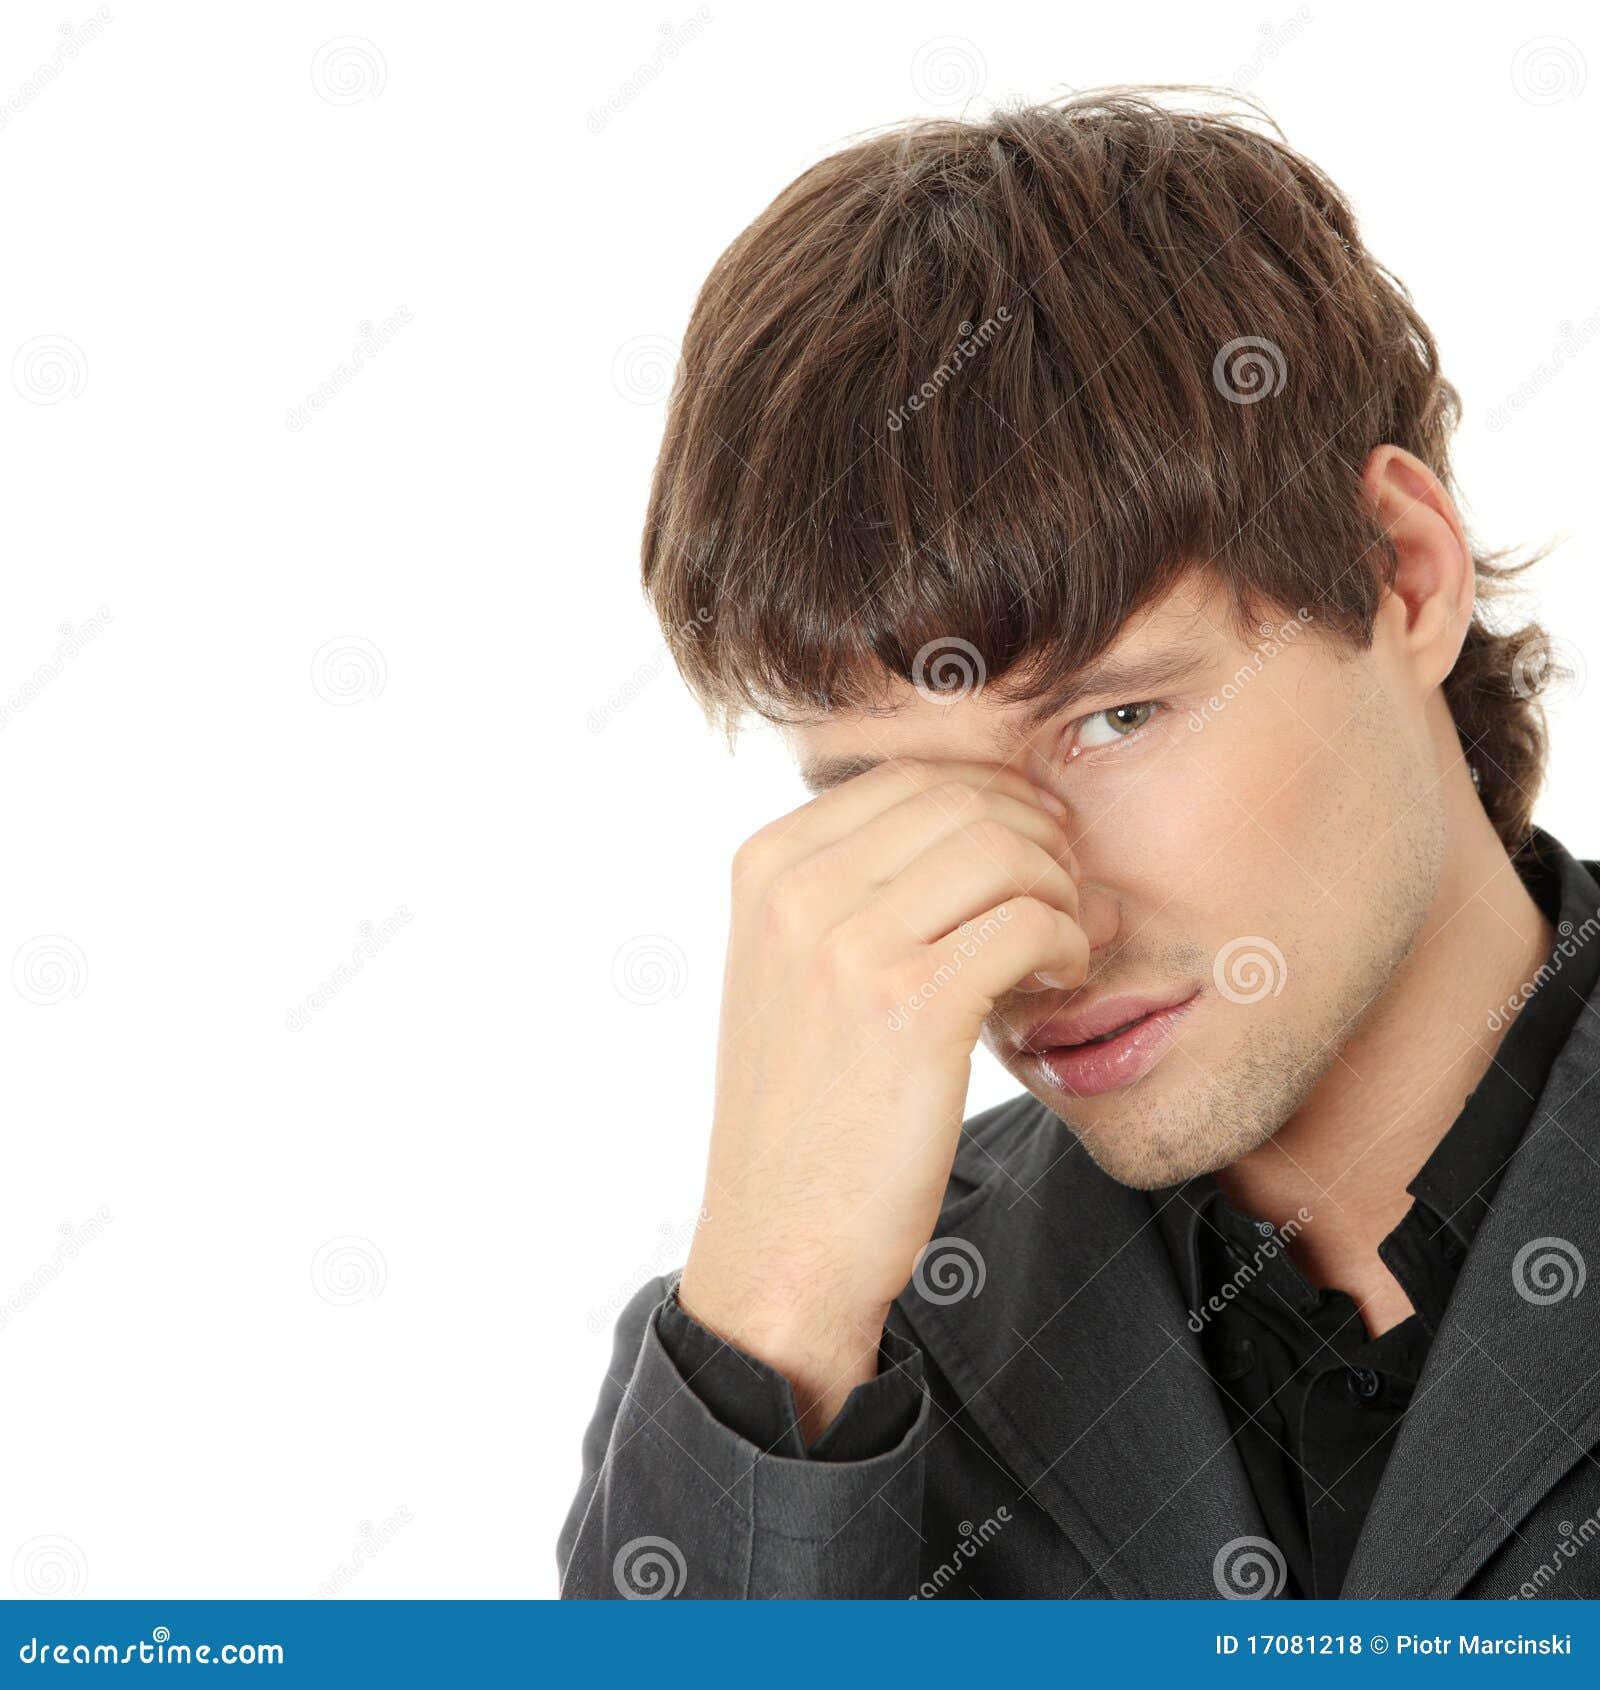 Kopfschmerzen oder Problem